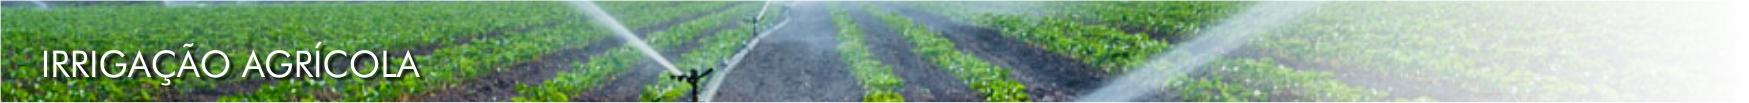 Serviços - Irrigação em Agrícola